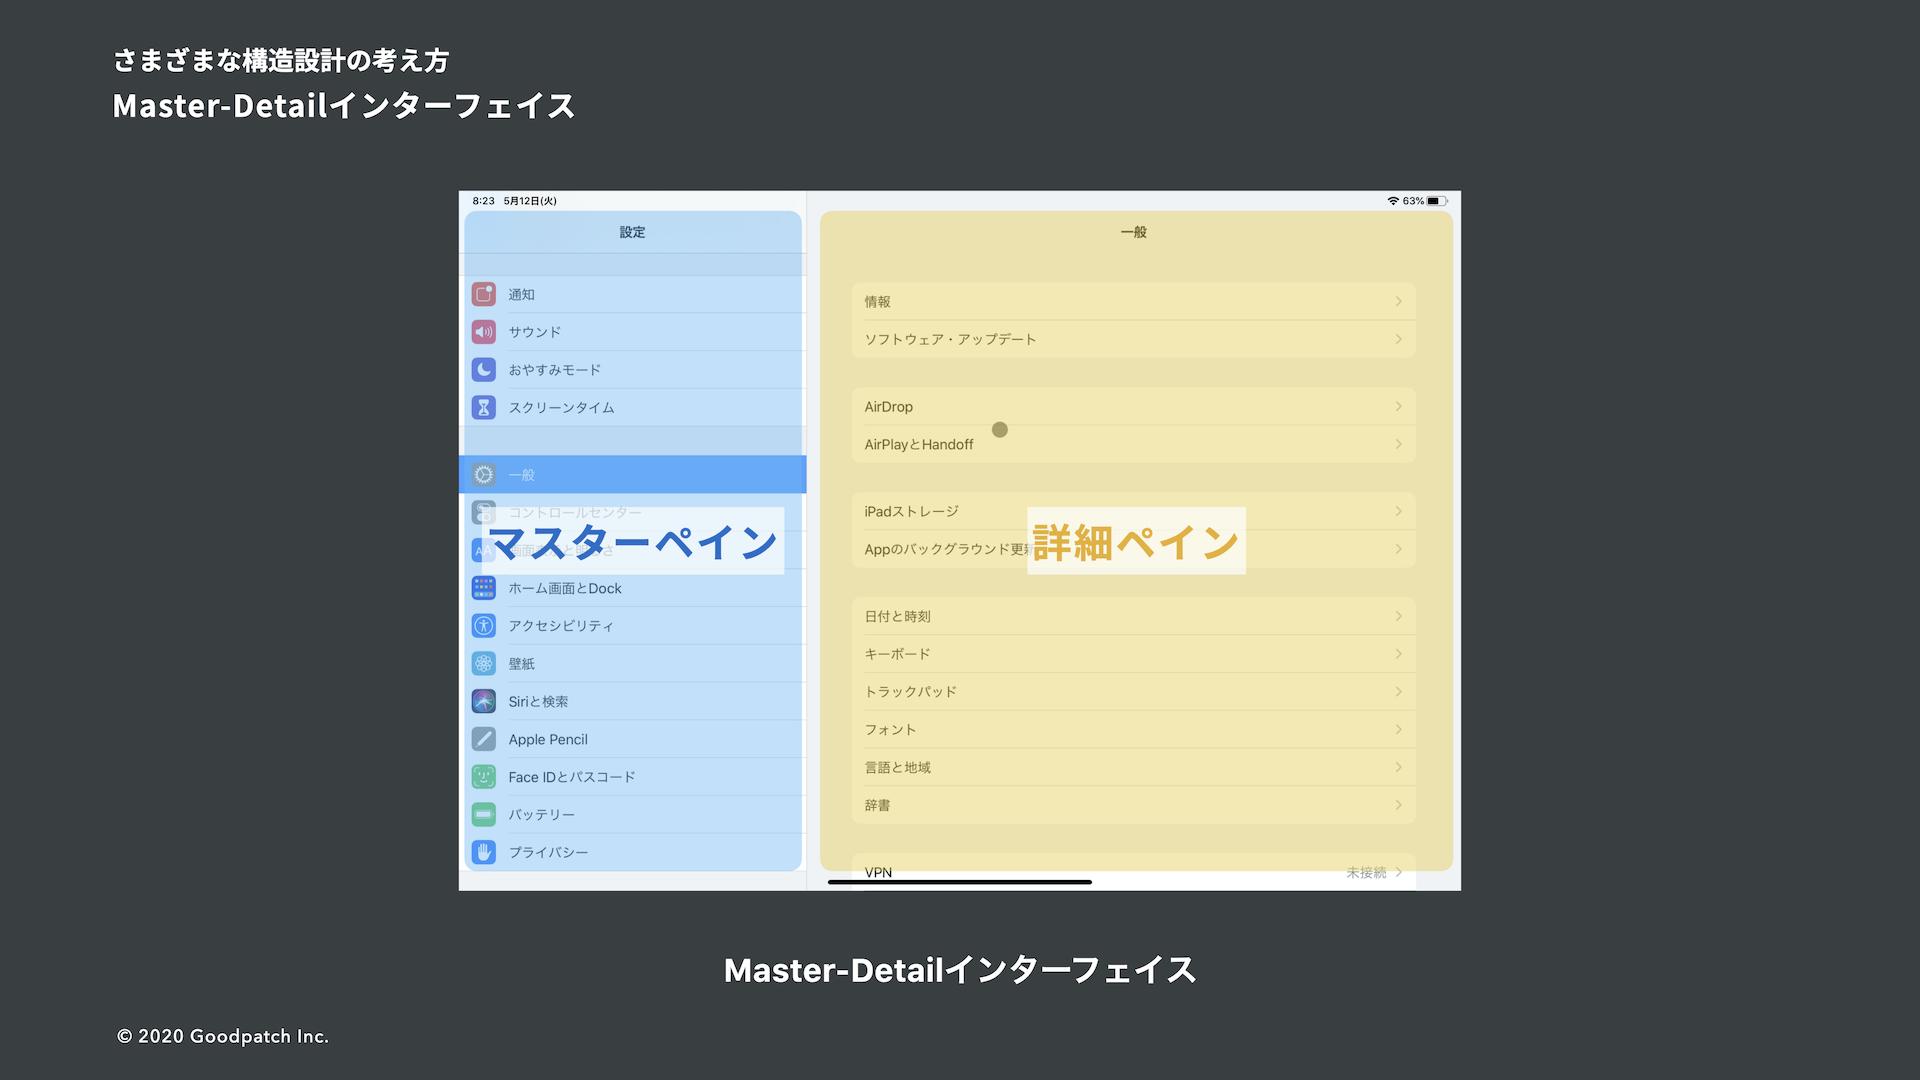 Master-Detailインターフェイスの様子